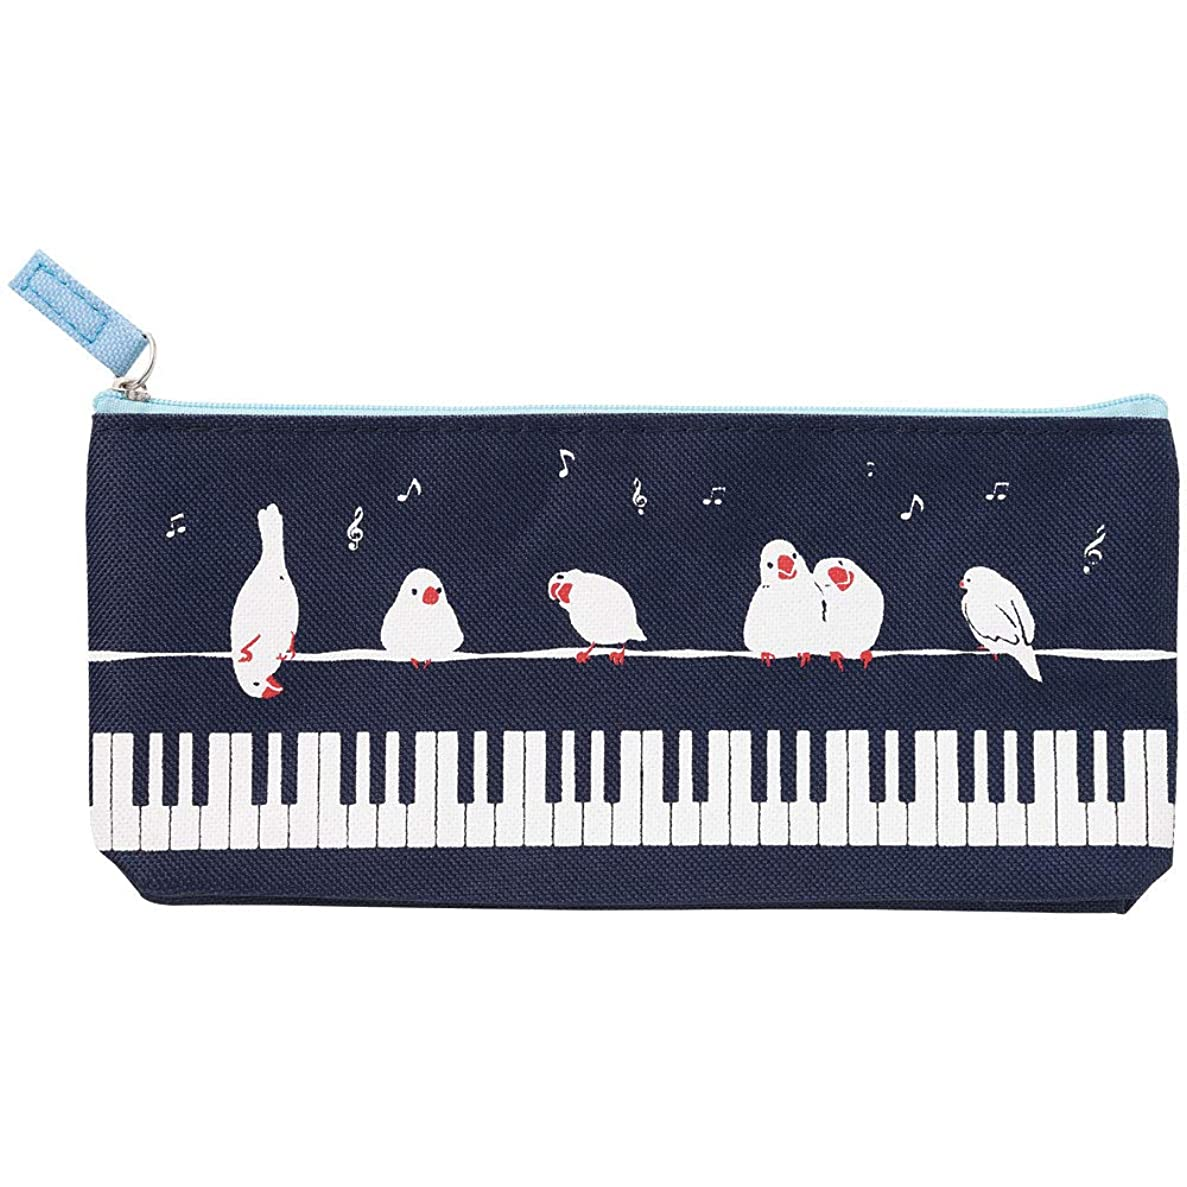 部プロペラ年次Pianoline マチ付きペンケース 鍵盤&ことり 音楽筆箱